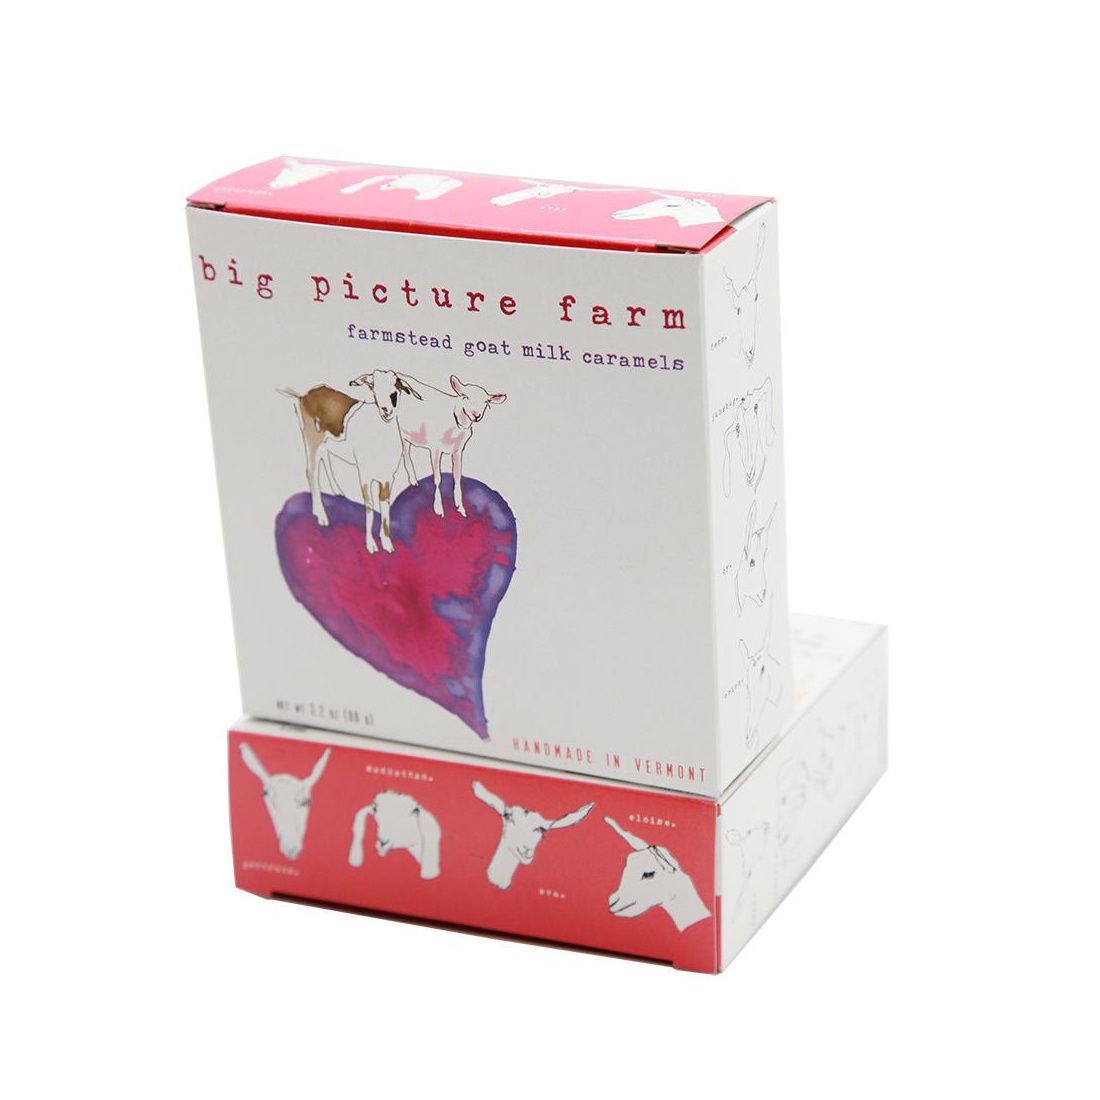 big picture farm Big Picture Farms - Goat Milk Caramels Heart Box (Sea Salt Vanilla)